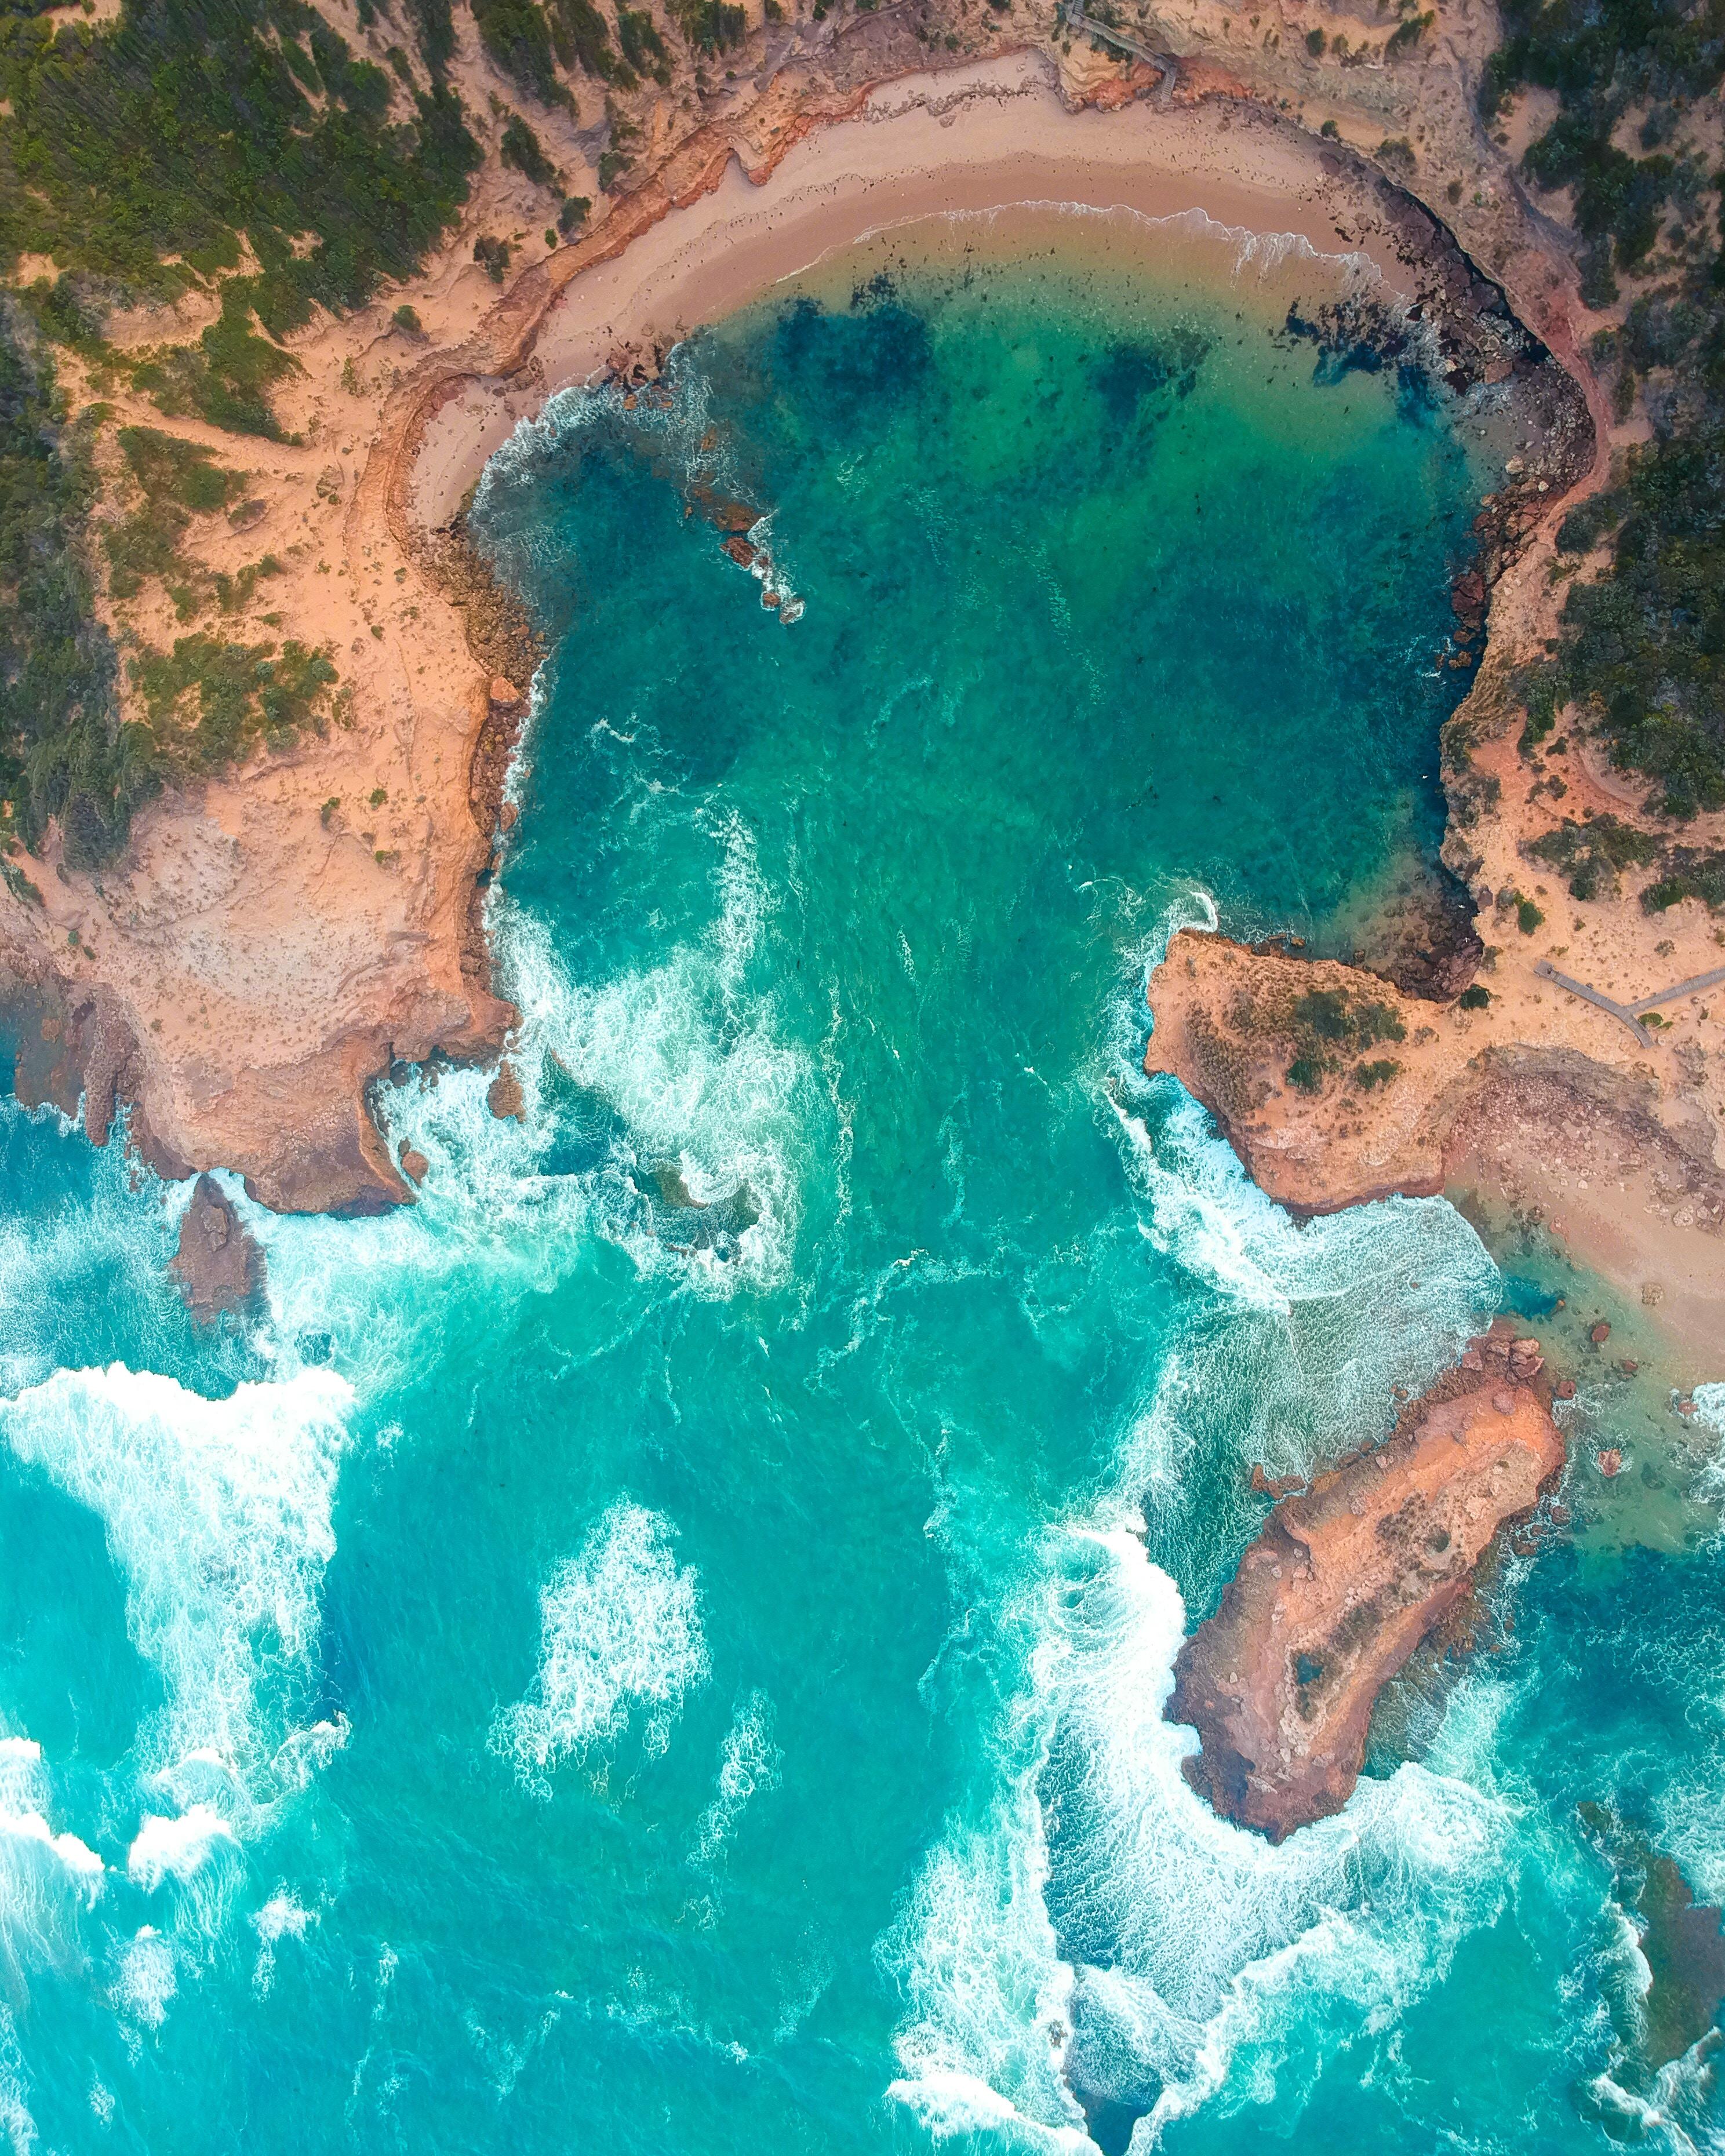 62504 Hintergrundbild 1024x768 kostenlos auf deinem Handy, lade Bilder Natur, Surfen, Blick Von Oben, Küste, Ozean, Australien 1024x768 auf dein Handy herunter